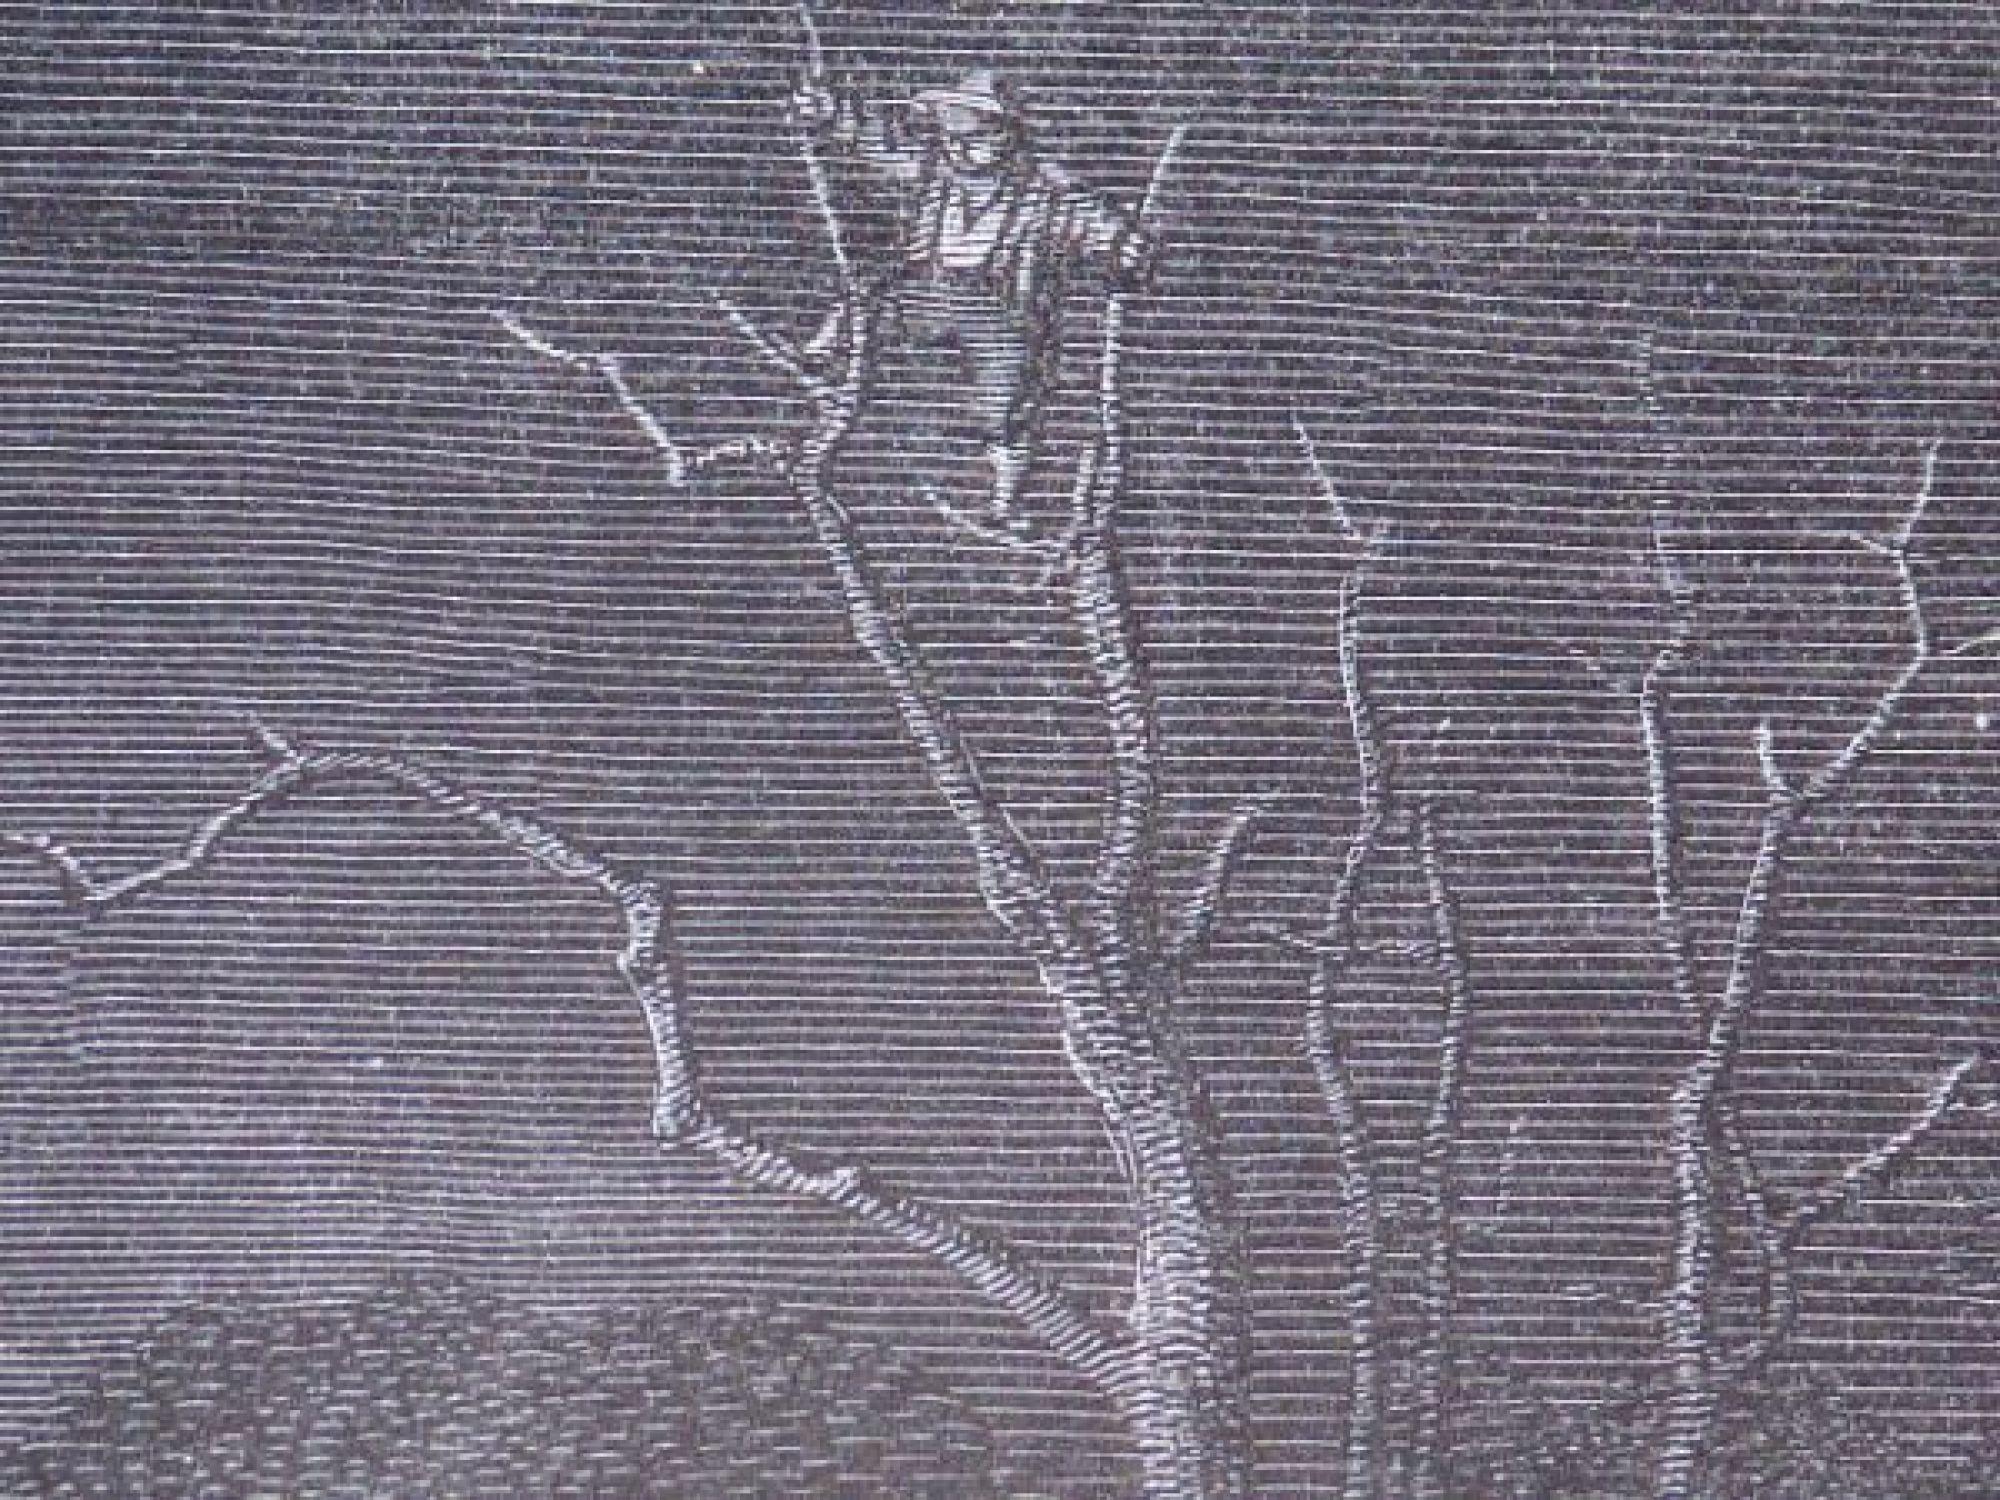 charles perrault contes le petit poucet et ses fr res perdus dans les bois gravure originale. Black Bedroom Furniture Sets. Home Design Ideas